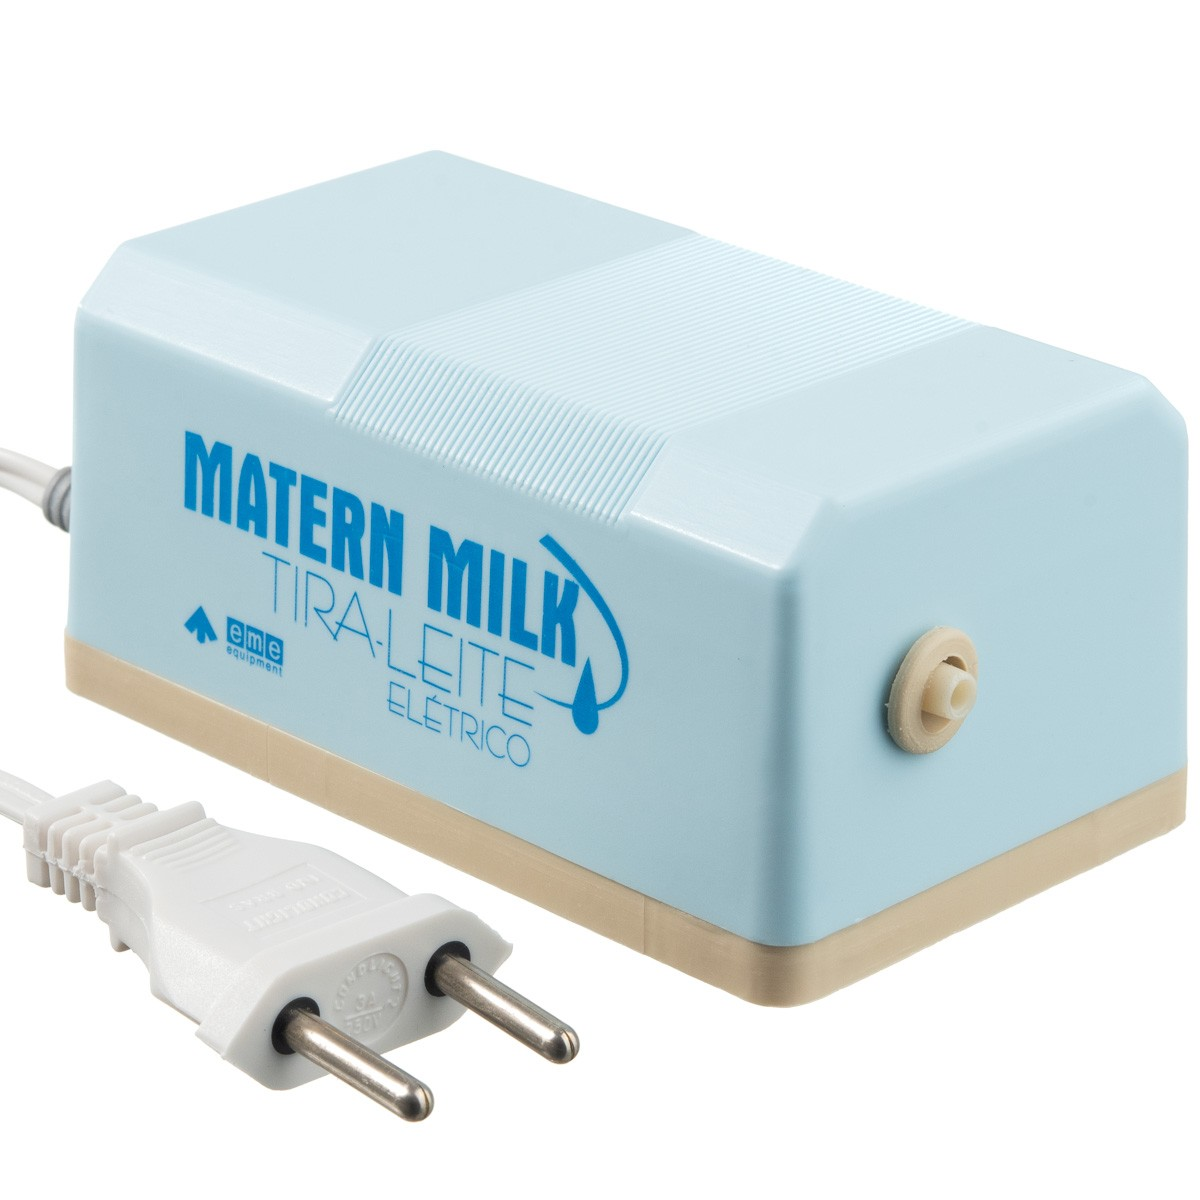 Bomba tira leite elétrico 110 V Azul - Matern Milk + 5 Copos